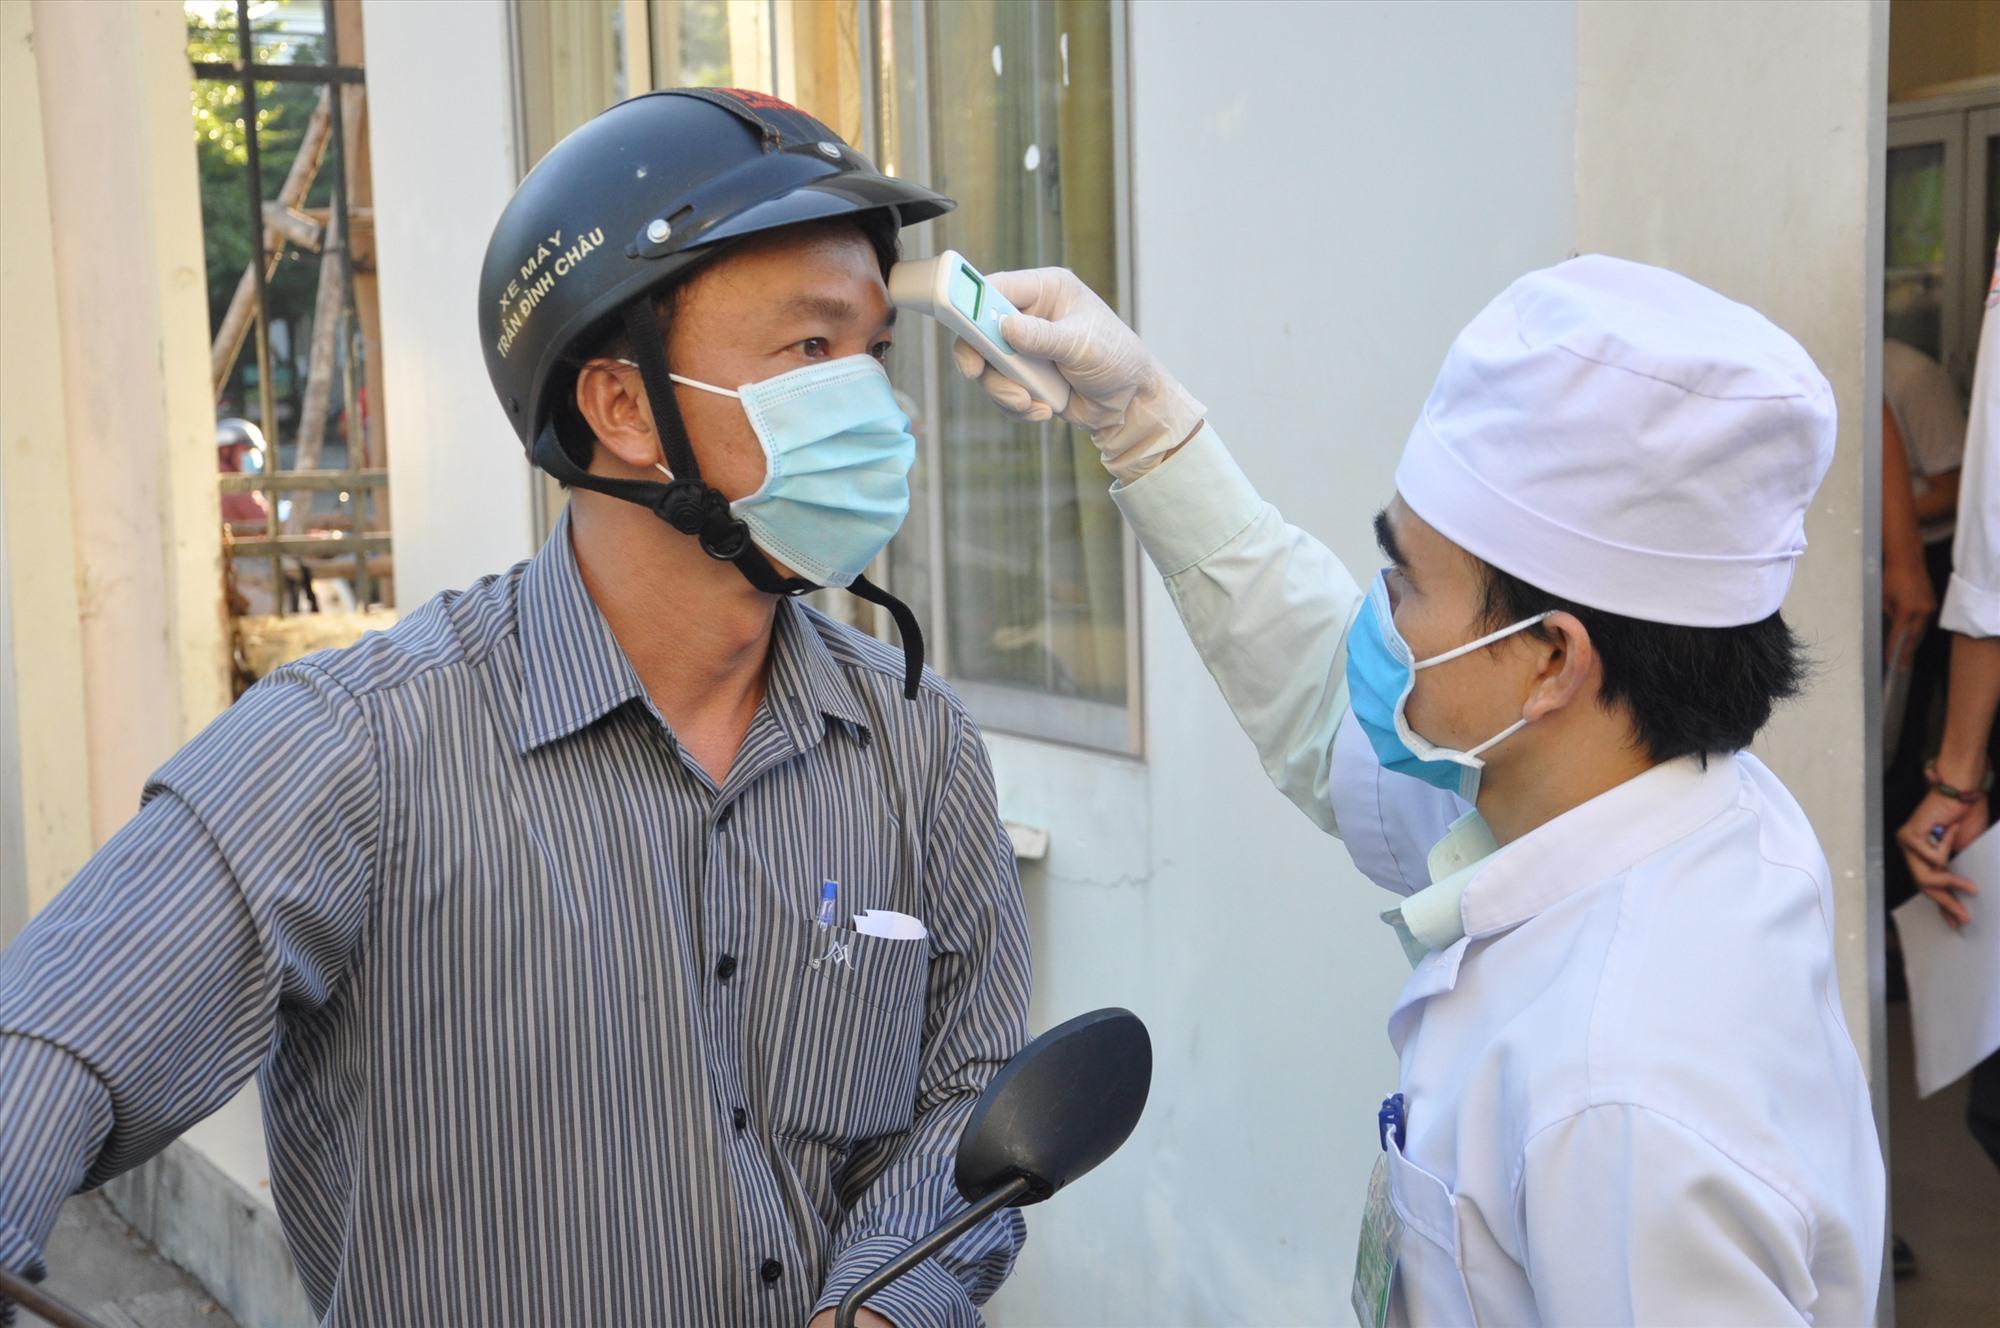 Nhân viên y tế làm việc hết công suất tại các  buổi thi để đo thân nhiệt cán bộ coi thi, TS. Ảnh: X.P